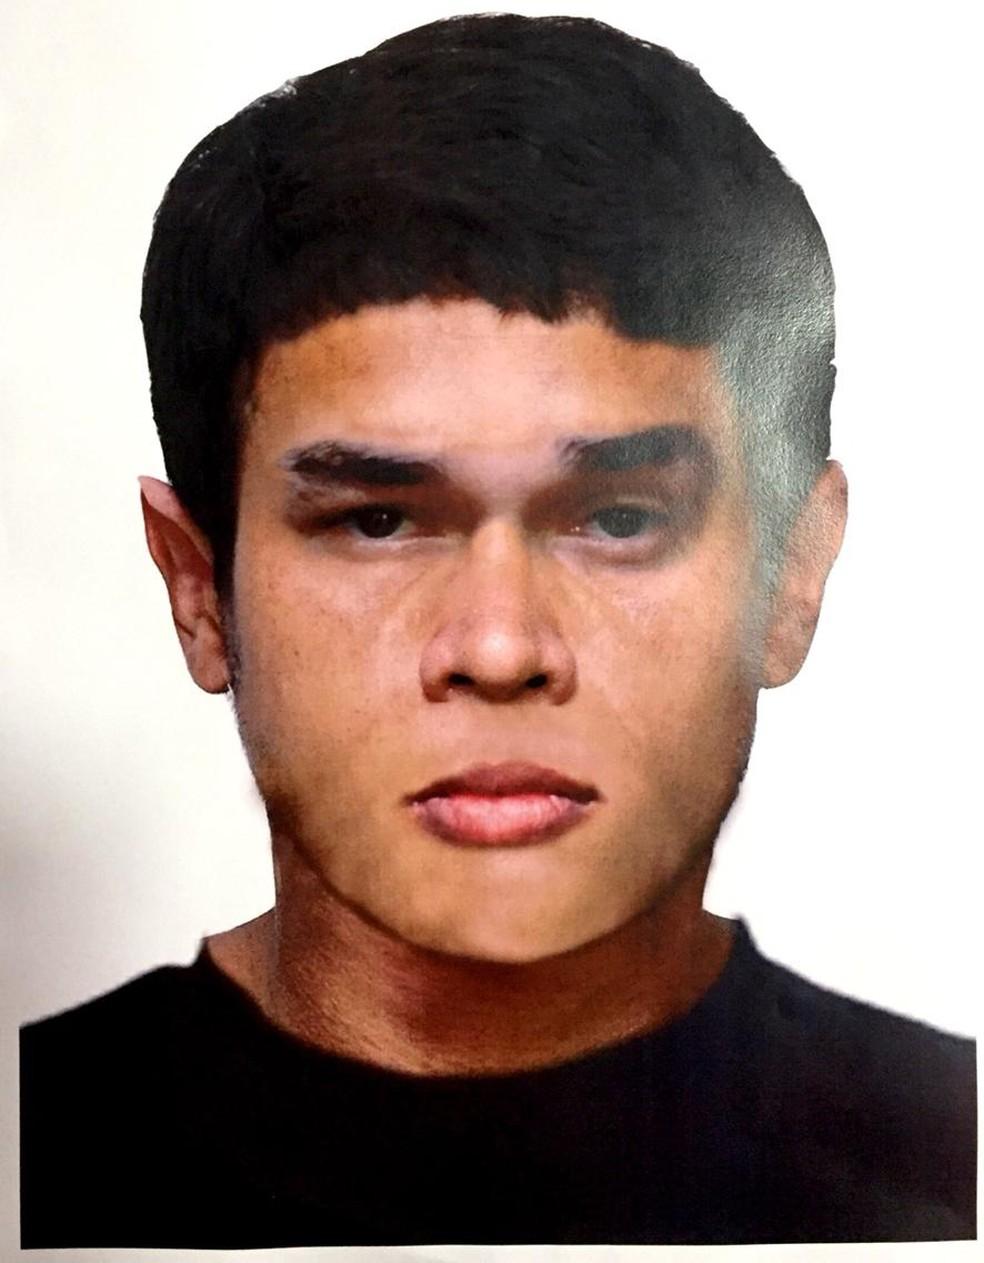 Polícia fez retrato falado de homem suspeito de agredir senhora de 51 anos (Foto: Polícia Civil de MT/Divulgação)